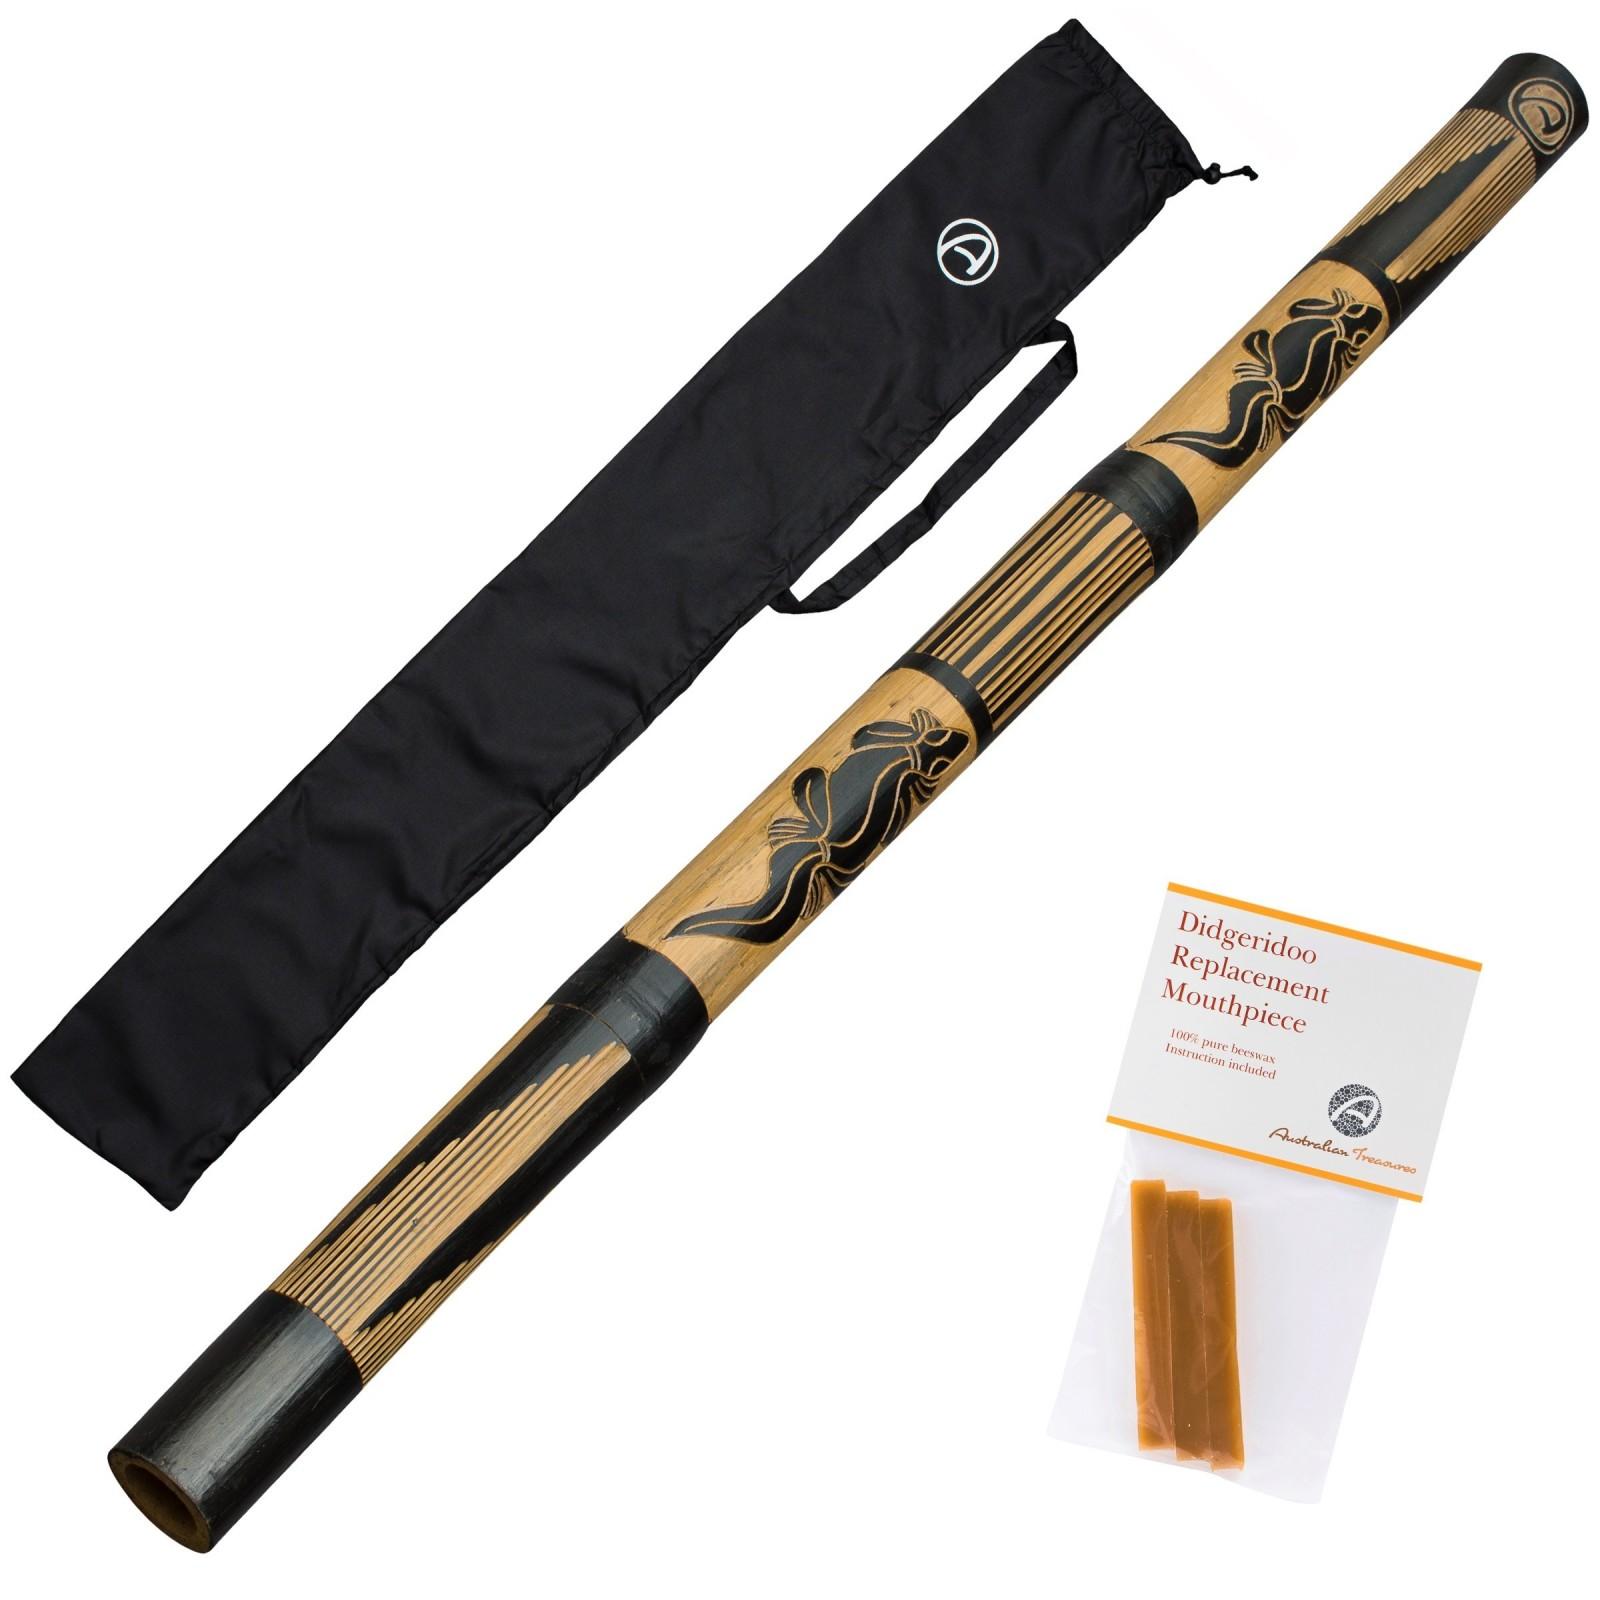 Didgeridoo 120cm - sac de didgeridoo - cire d'abeille